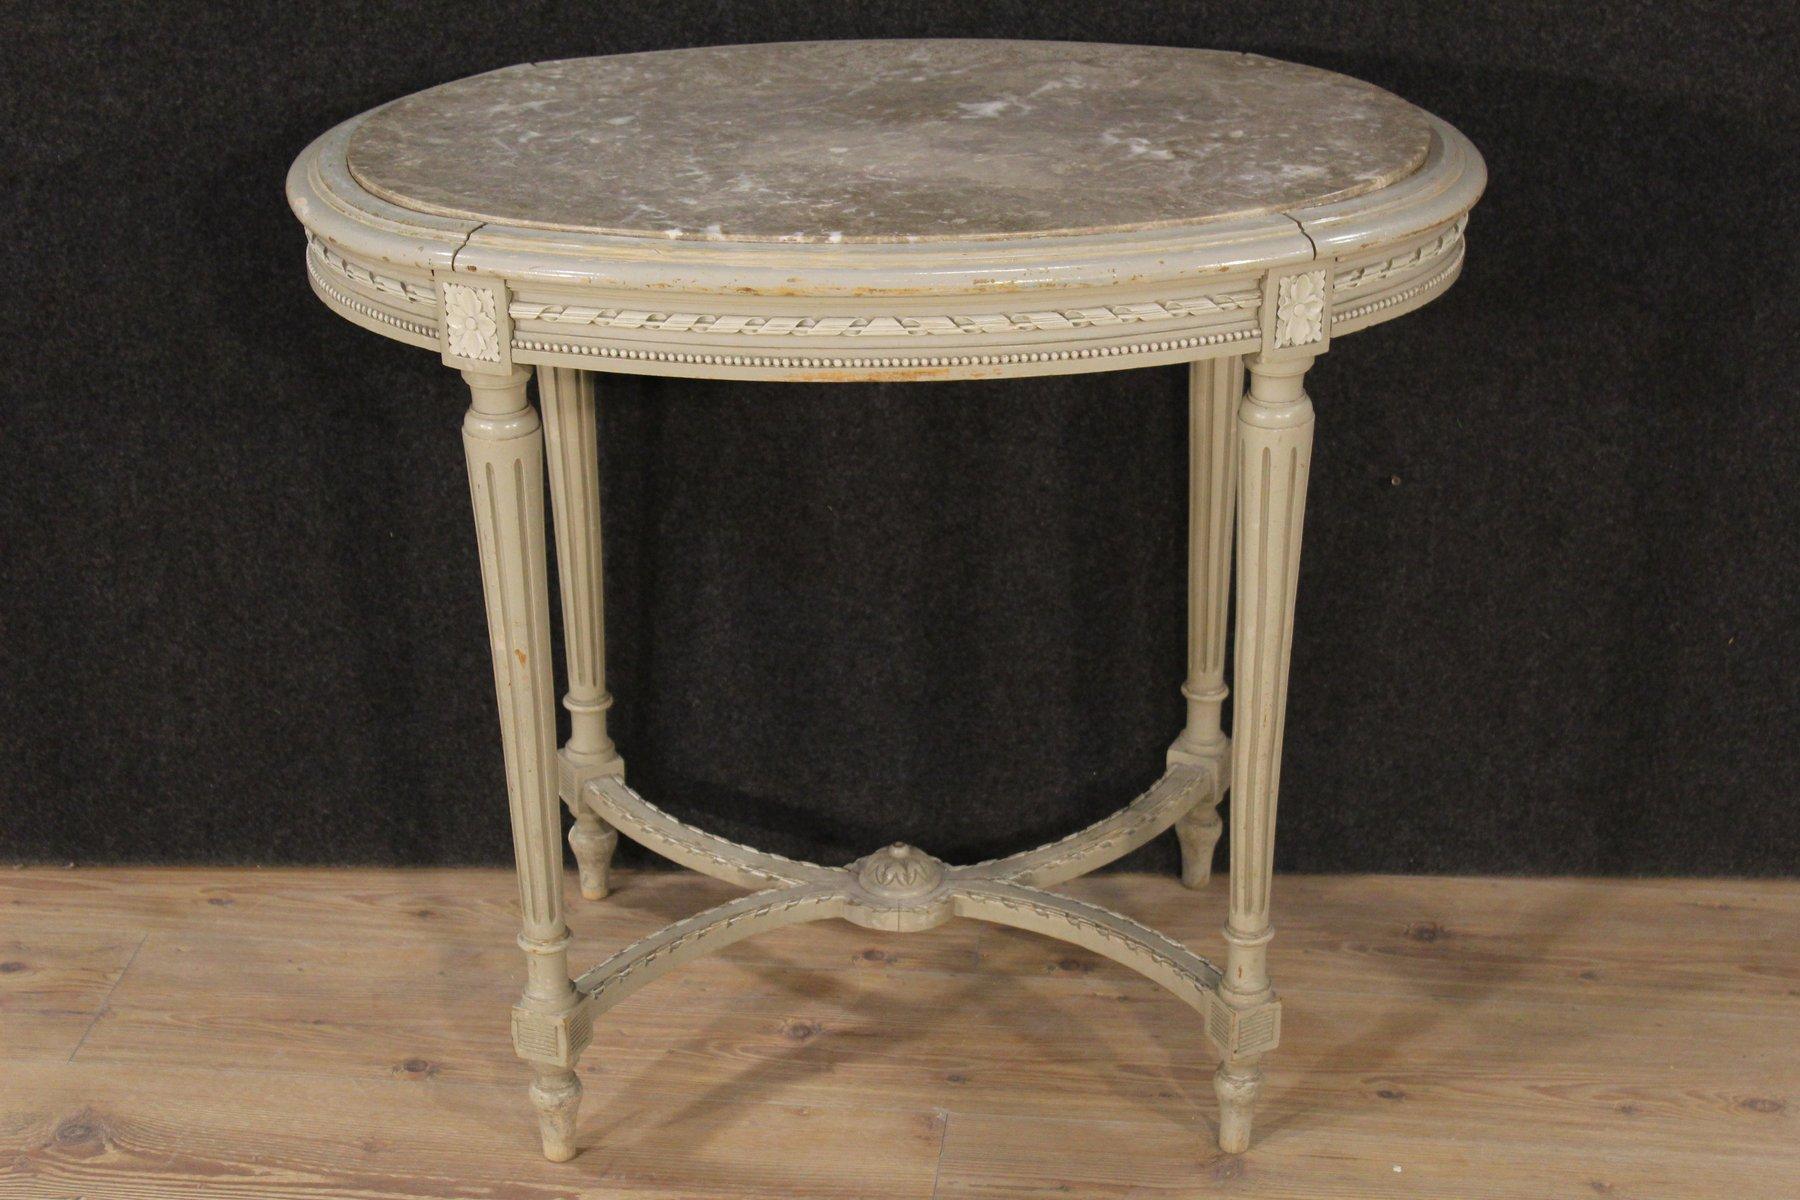 Table Basse de Style Louis XVI en Bois Laqué en vente sur Pamono -> Able Basse Louis Xvi